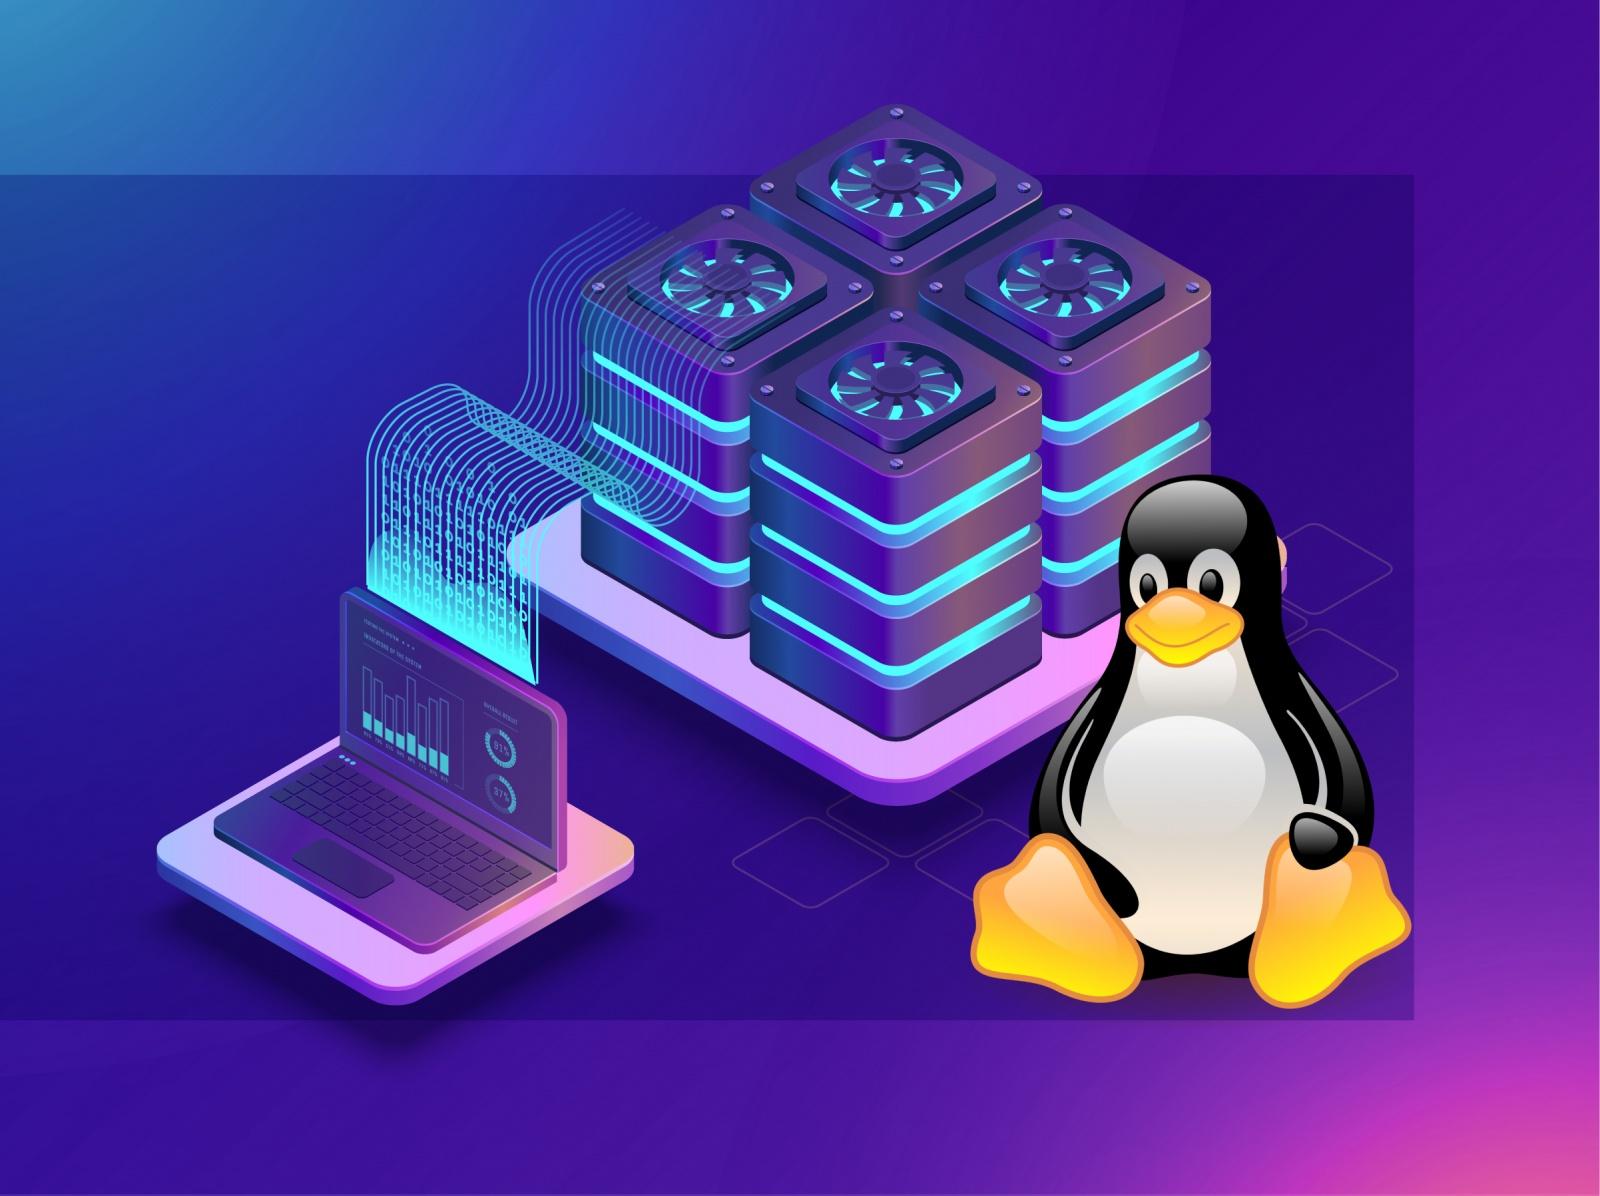 Пингвин, виртуализация и $23 млрд: как и почему облачные технологии навсегда изменили ИТ-мир - 1